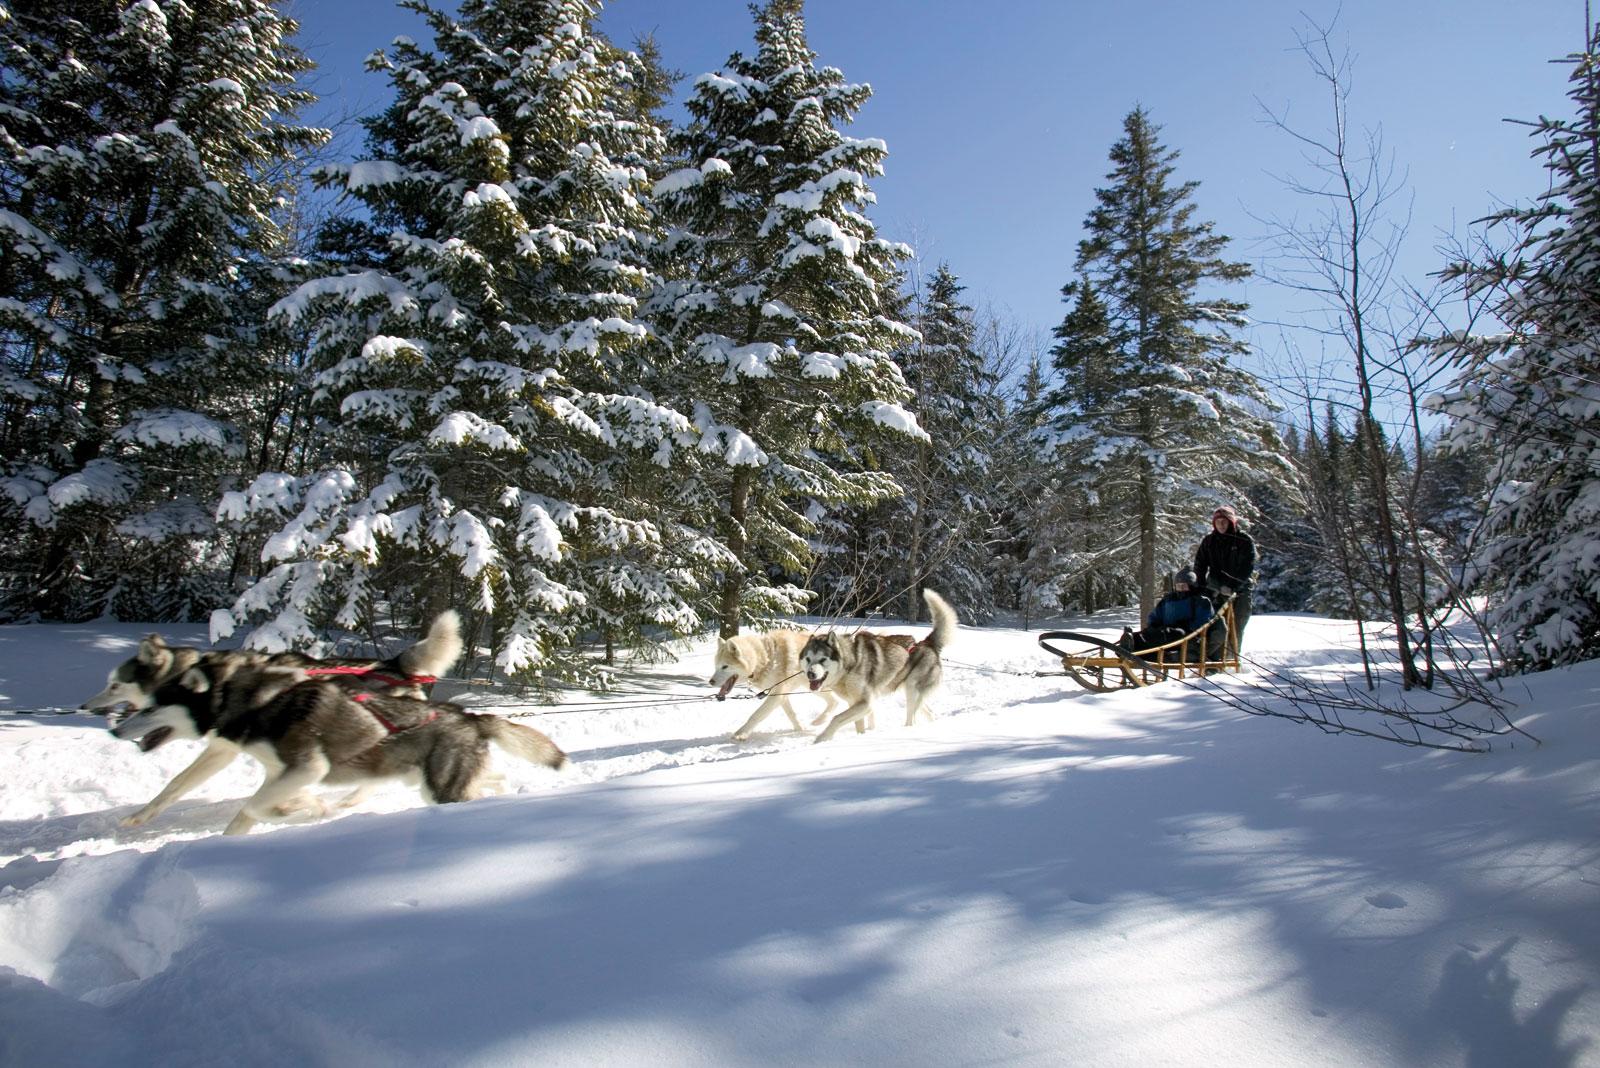 Mon pays, c'est l'hiver - Québec